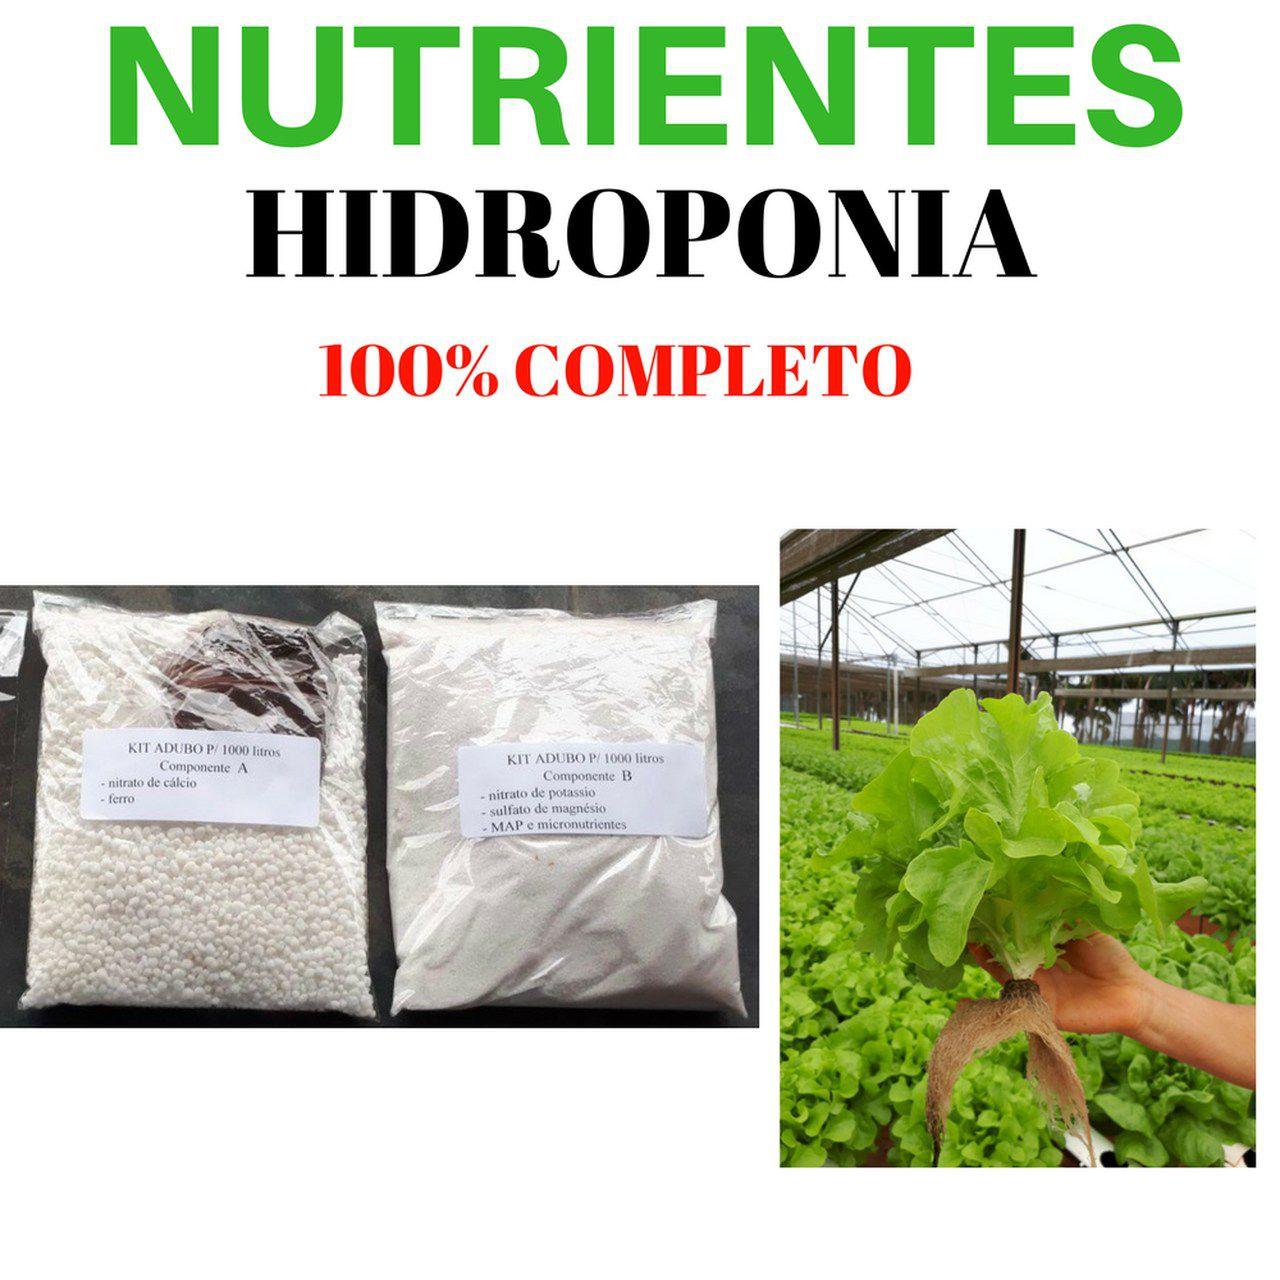 Kit Nutrientes Completo 1000 Litros De Solução Nutritiva Hidropônica  - ORQUIDEA GARDEN